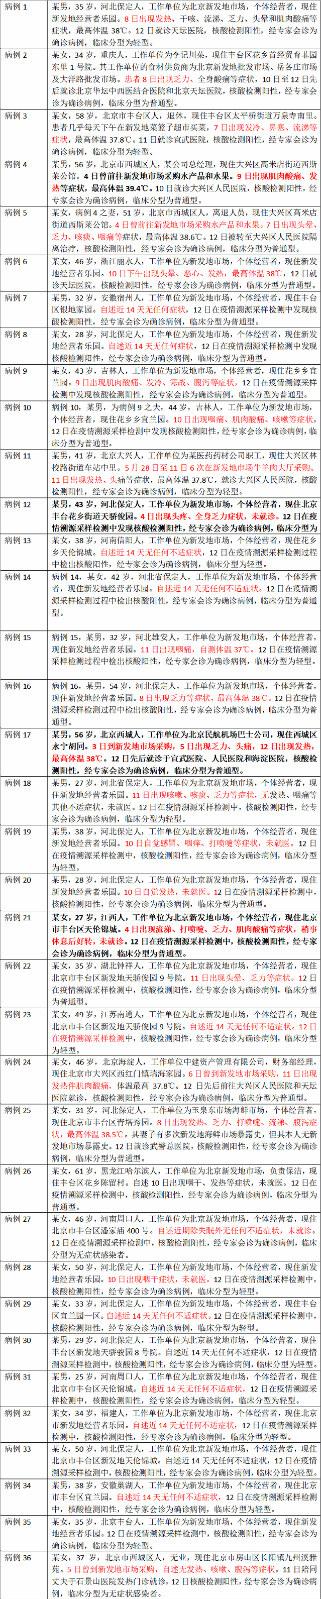 新冠病毒或更早现身北京新发地,确诊患者中4日就发病